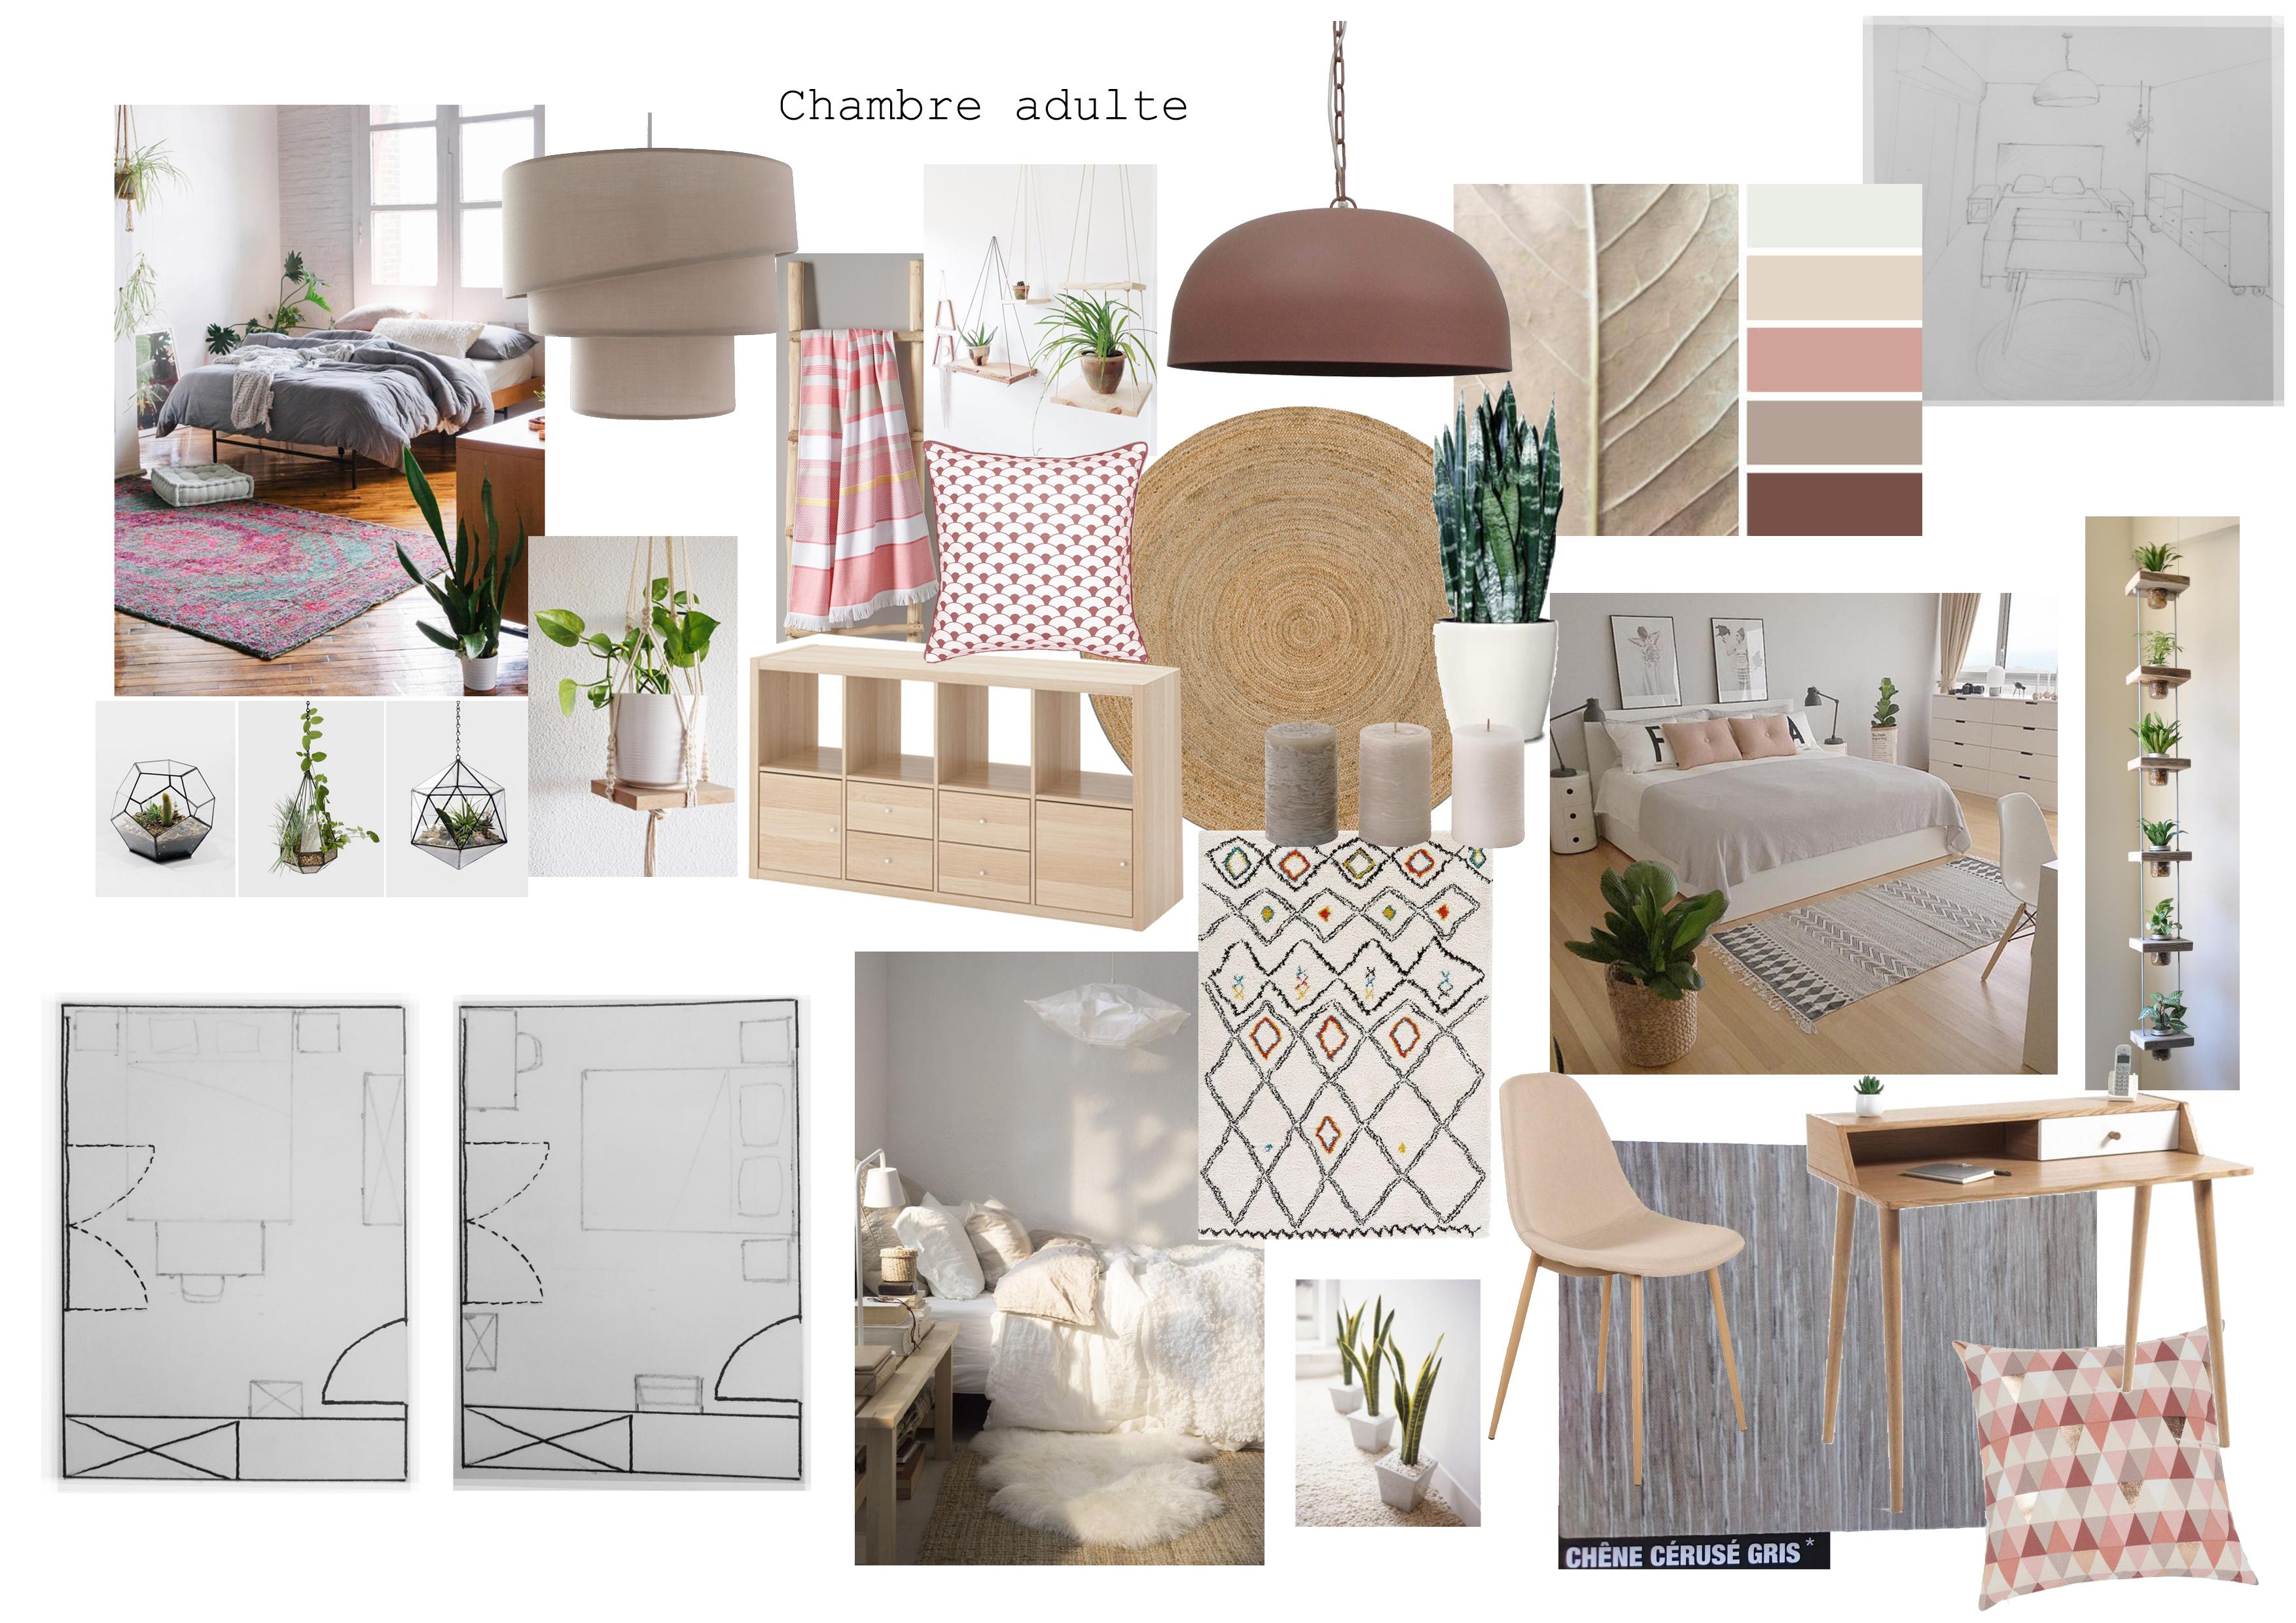 Home Staging Chambre Adulte décoration intérieure | hirond'elles home staging & déco